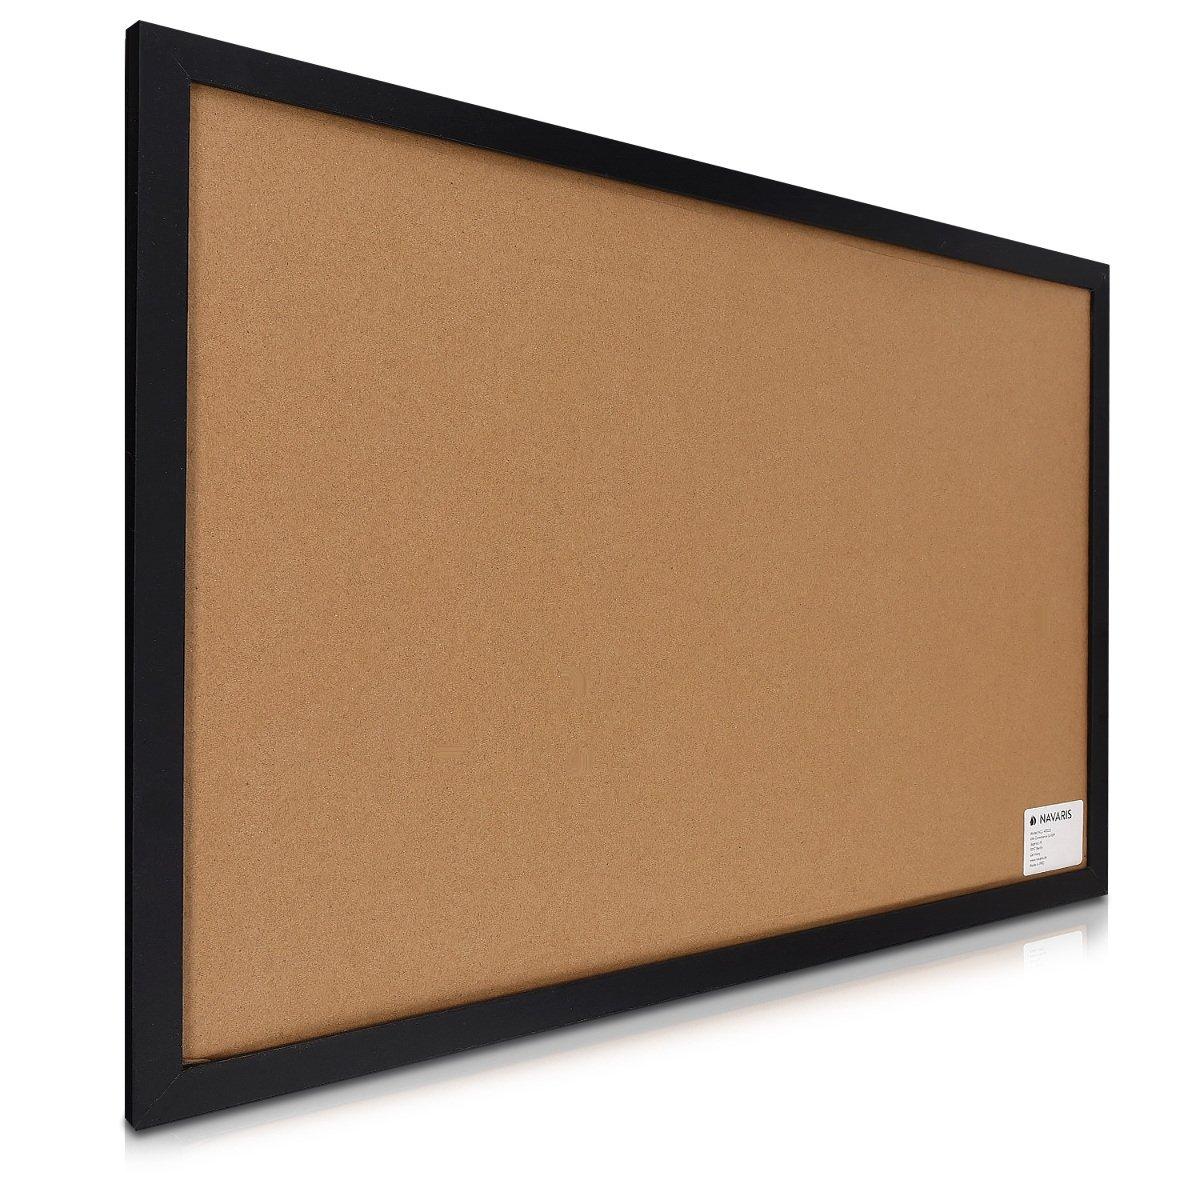 Memoboard 60x40 cm mit magnetischer Tafelfolie Korkwand Navaris Kombitafel aus Kreidetafel und Kork Pinnwand inkl Kreide Pins Magnete Halterung